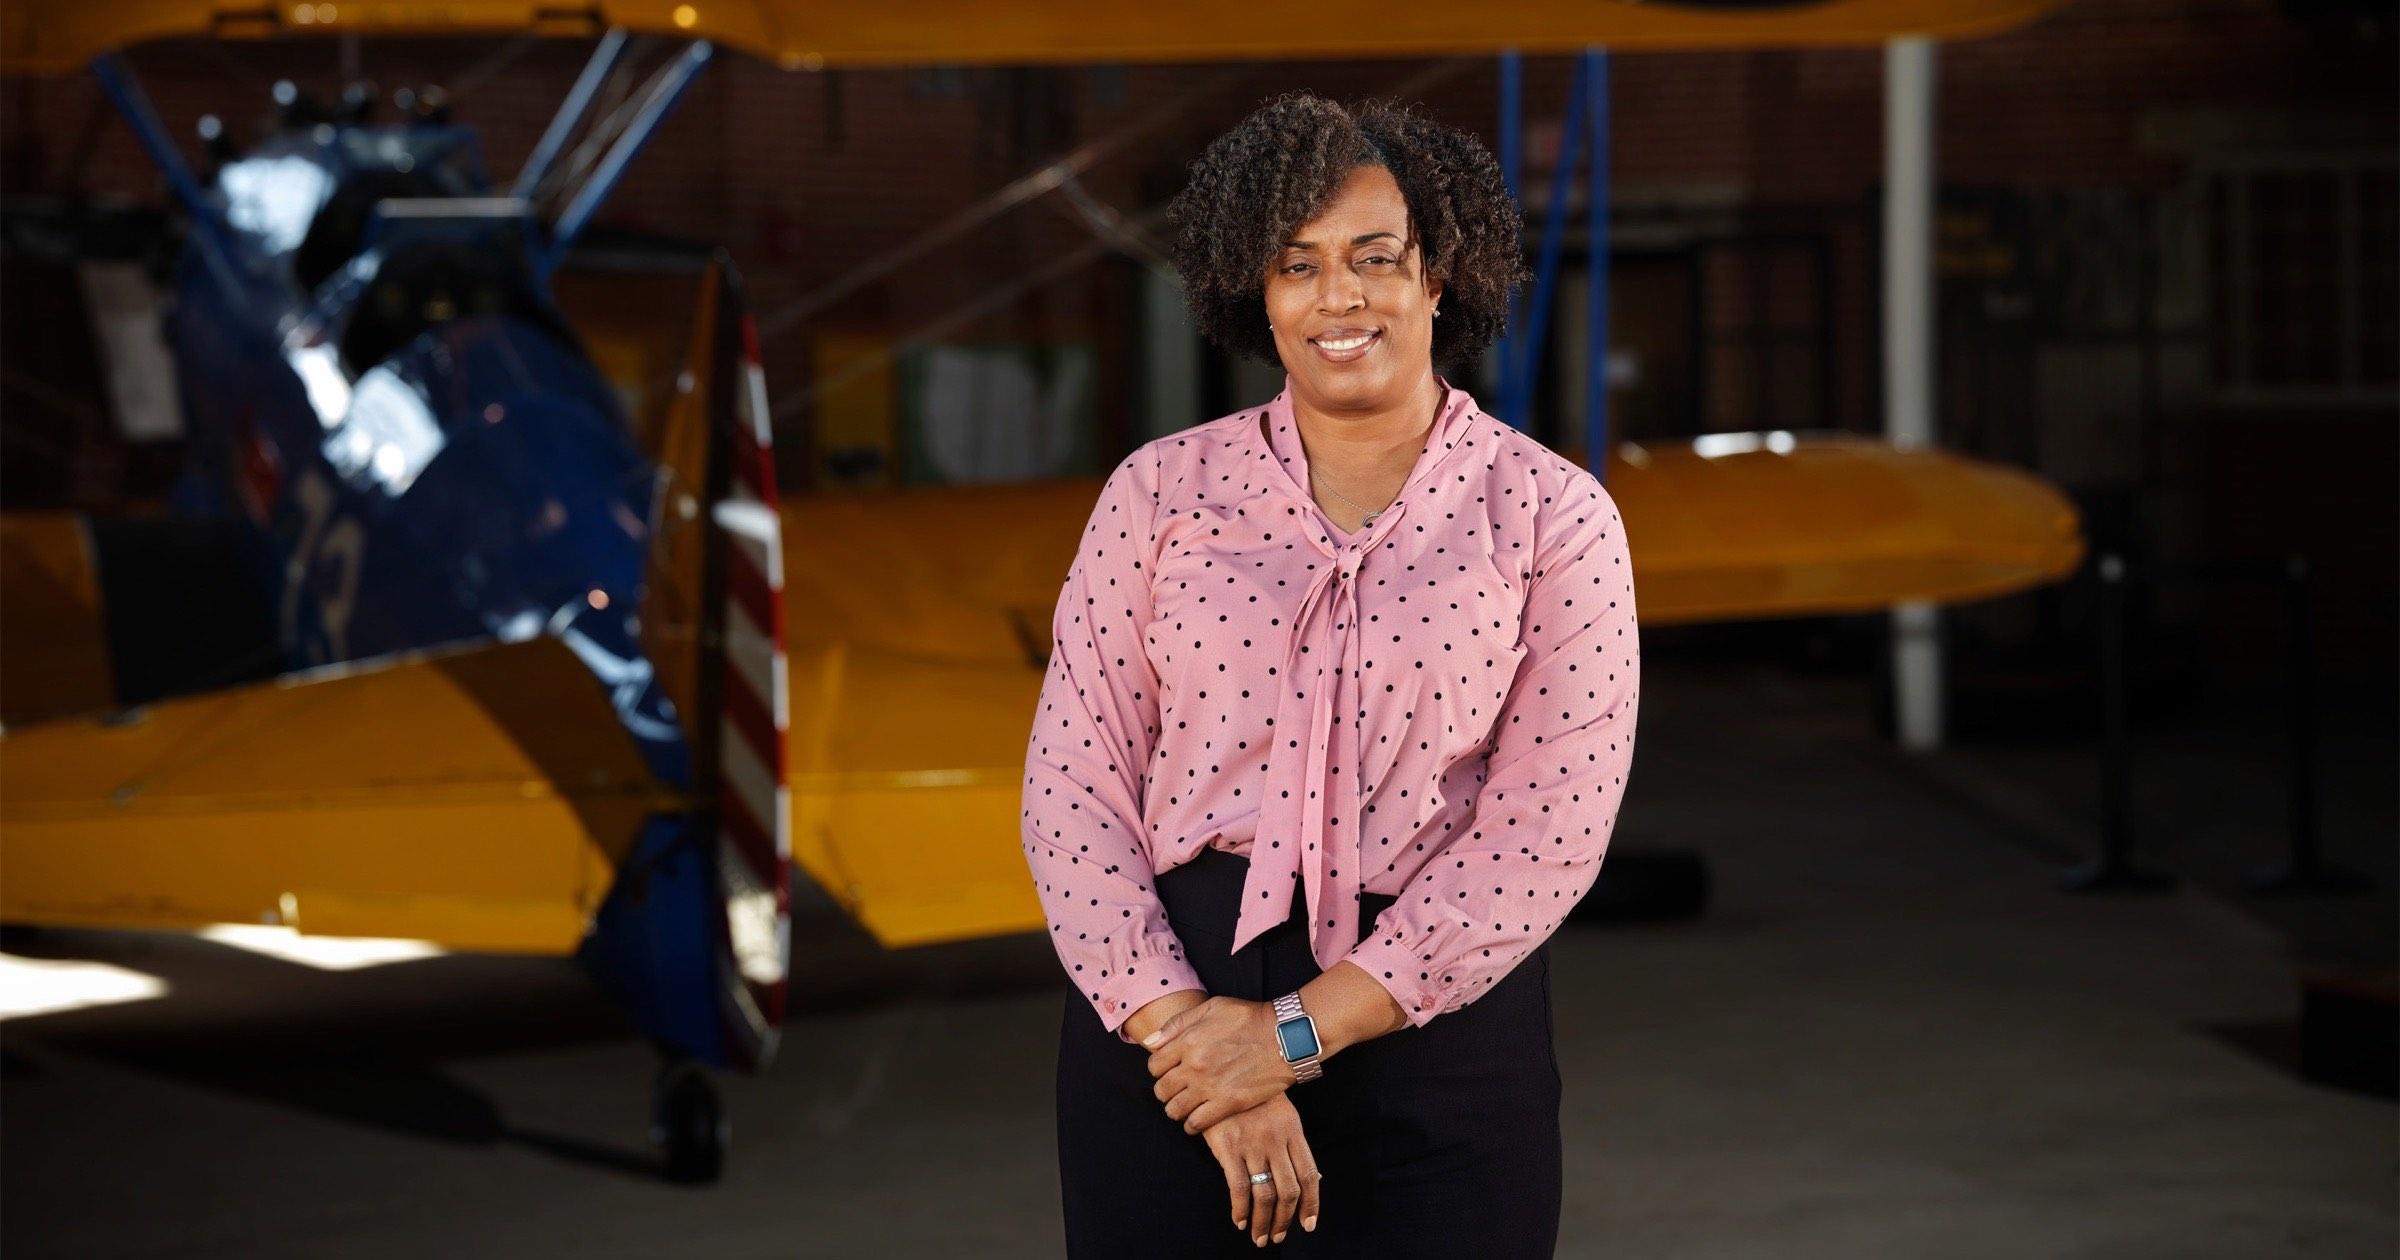 Tuskegee Public School Principal Tiffany Williams